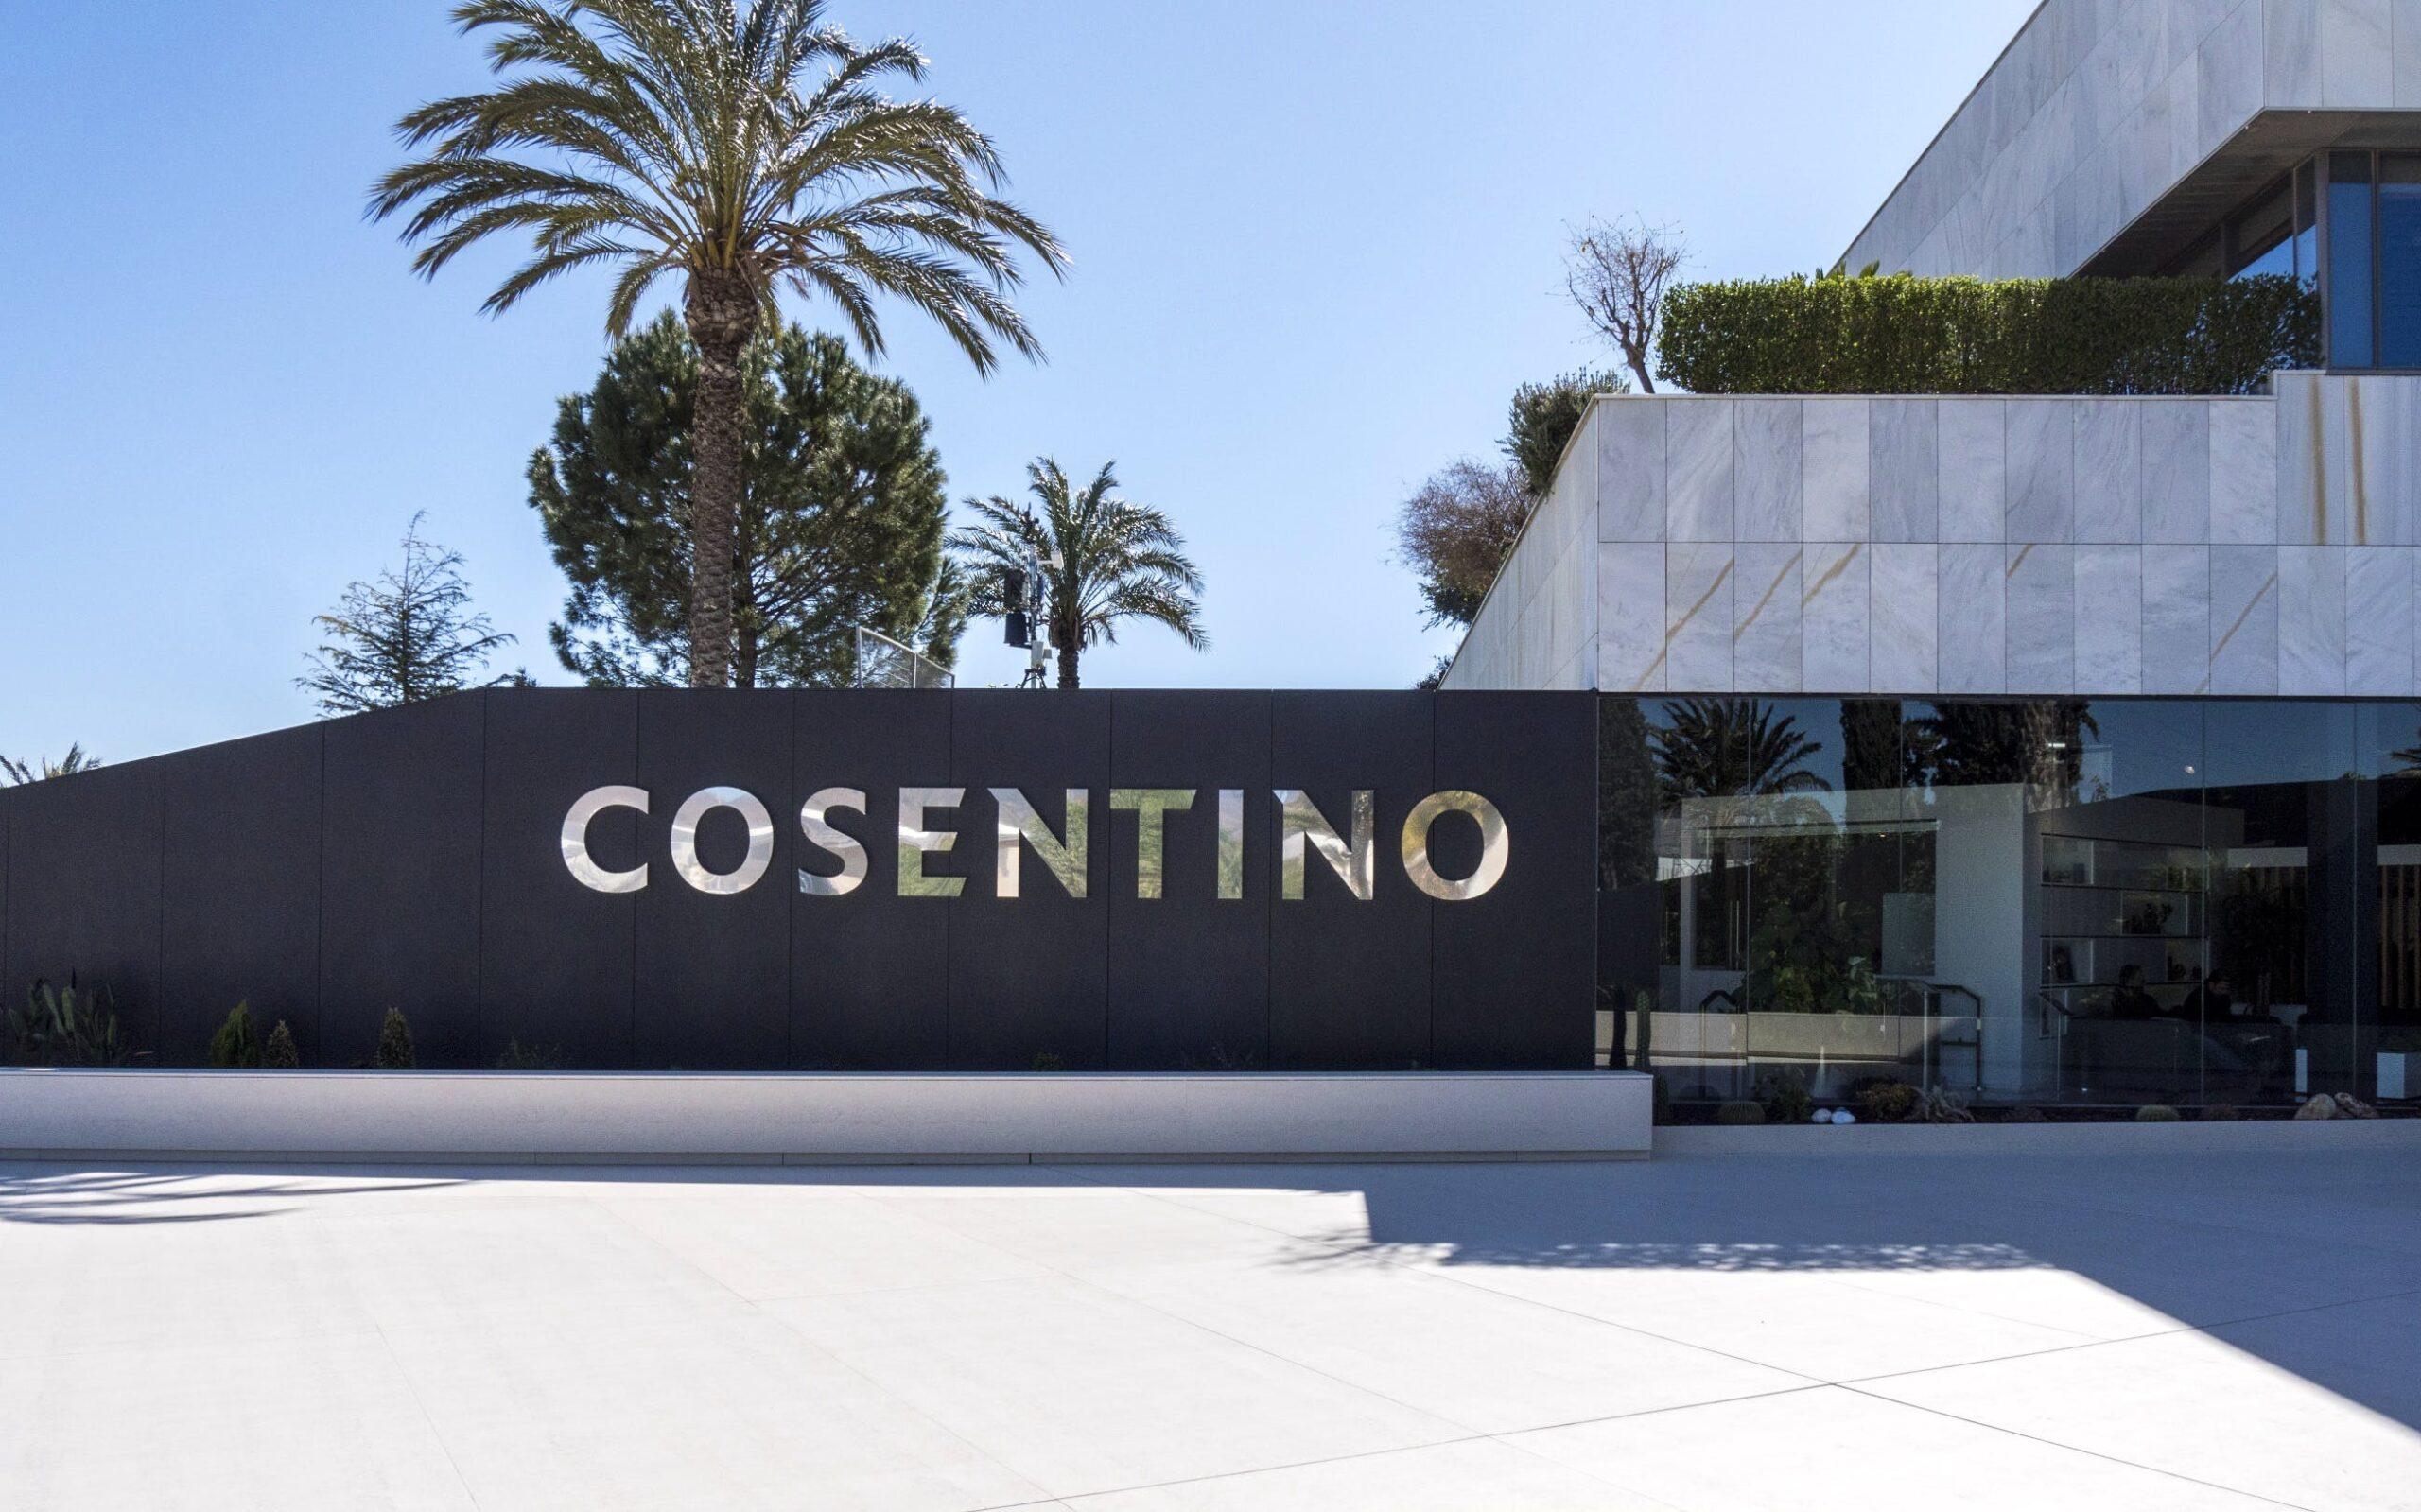 Image of Entrada HQ Cosentino 1 2 4 scaled in Cosentino Group reaches Euro 984.5 million turnover in 2018 - Cosentino